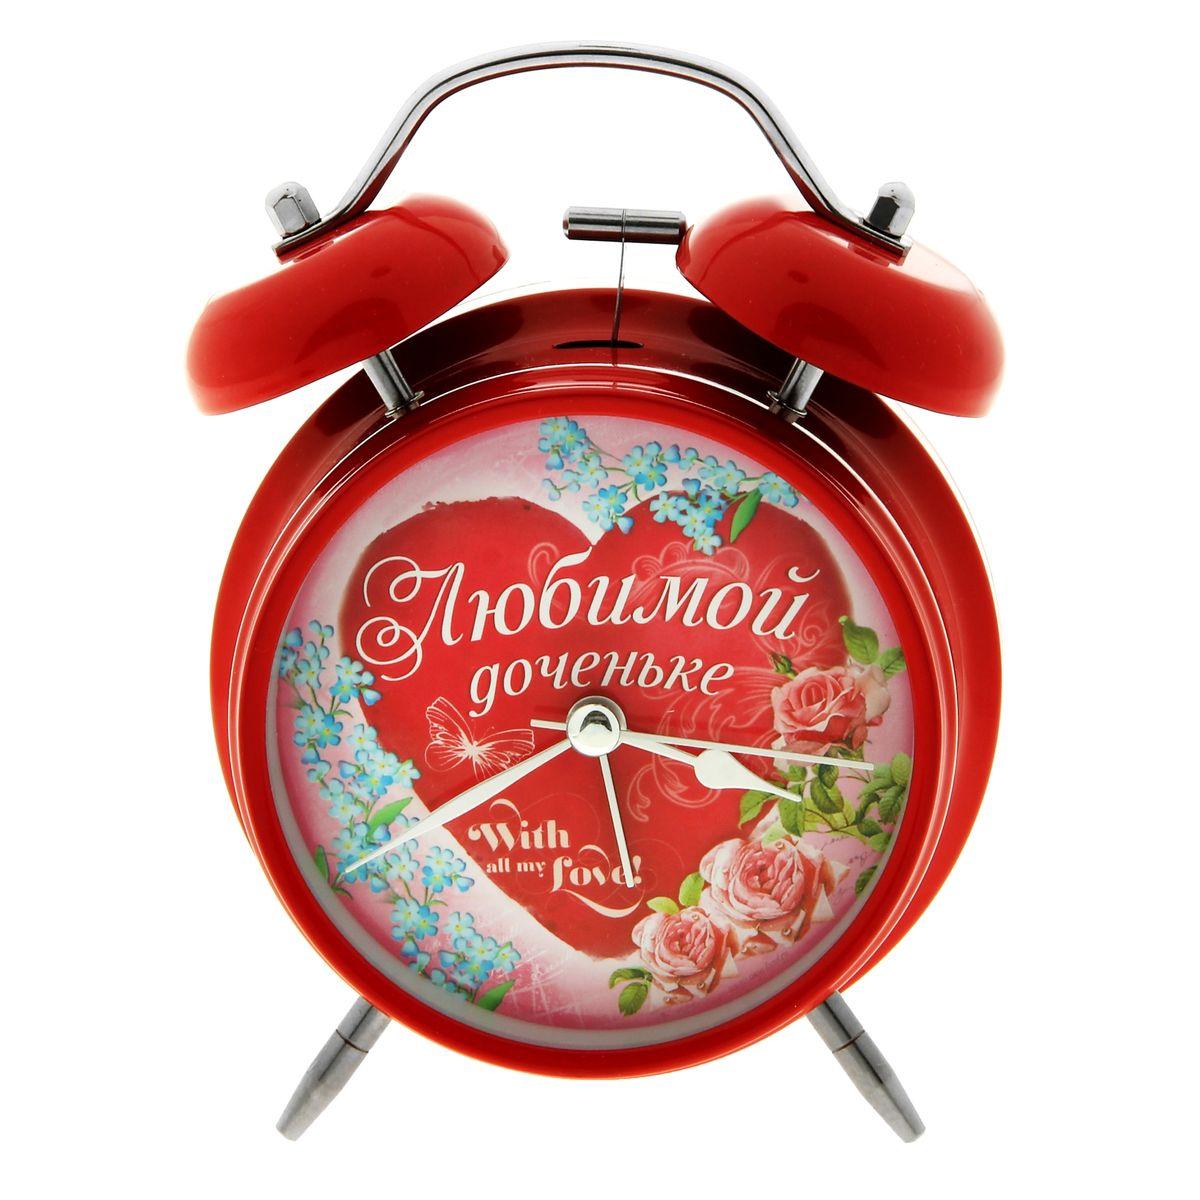 Часы-будильник Sima-land Любимой доченьке179037Как же сложно иногда вставать вовремя! Всегда так хочется поспать еще хотя бы 5 минут и бывает, что мы просыпаем. Теперь этого не случится! Яркий, оригинальный будильник Sima-land Любимой доченьке поможет вам всегда вставать в нужное время и успевать везде и всюду. Такой будильник также станет прекрасным подарком. На задней панели будильника расположены переключатель включения/выключения механизма и два колесика для настройки текущего времени и времени звонка будильника. Также будильник оснащен кнопкой, при нажатии и удержании которой, подсвечивается циферблат. Будильник работает от 1 батарейки типа AA напряжением 1,5V (не входит в комплект).